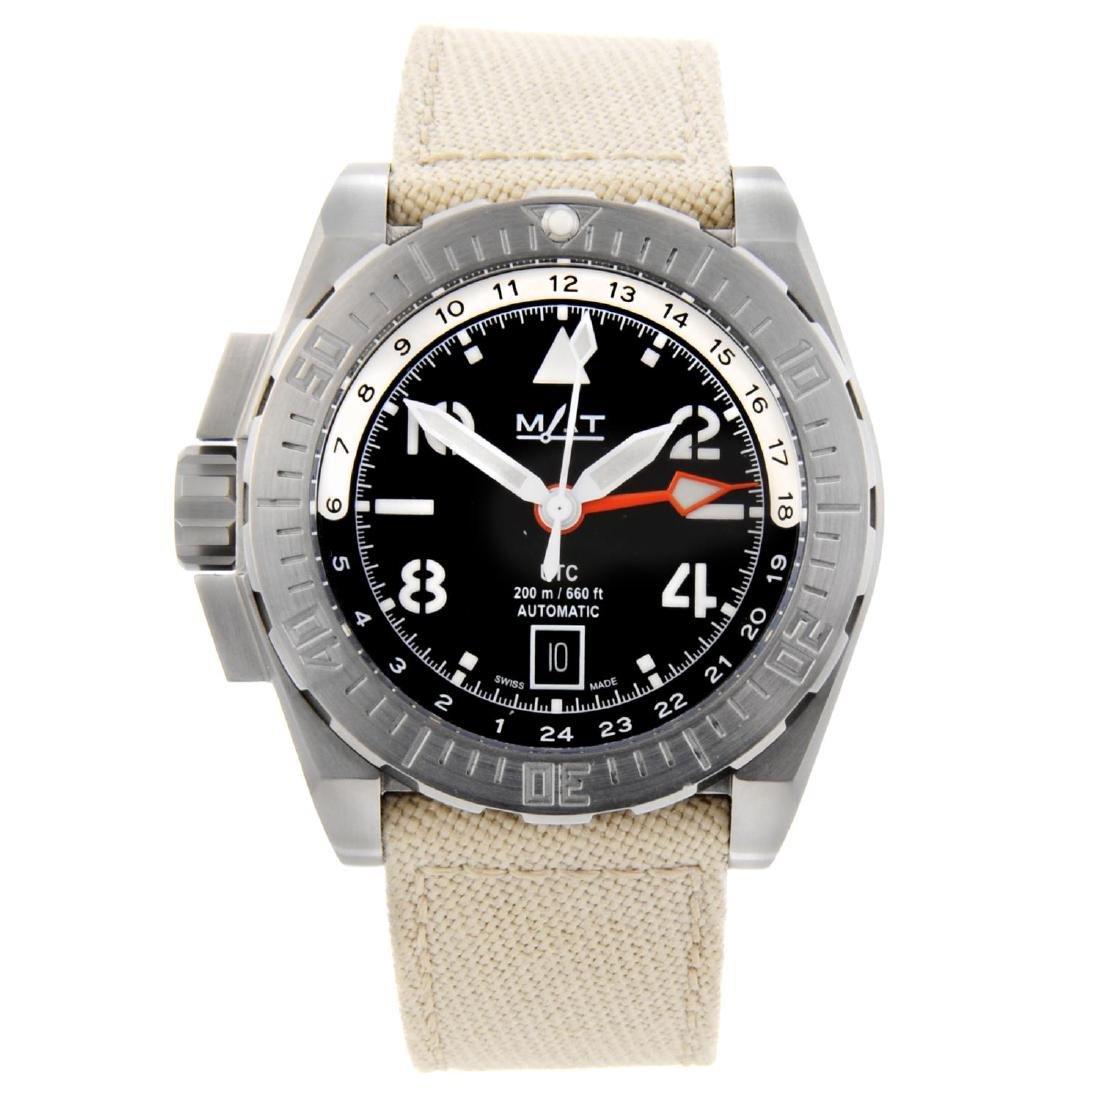 MAT - a limited edition gentleman's UTC Pilot wrist